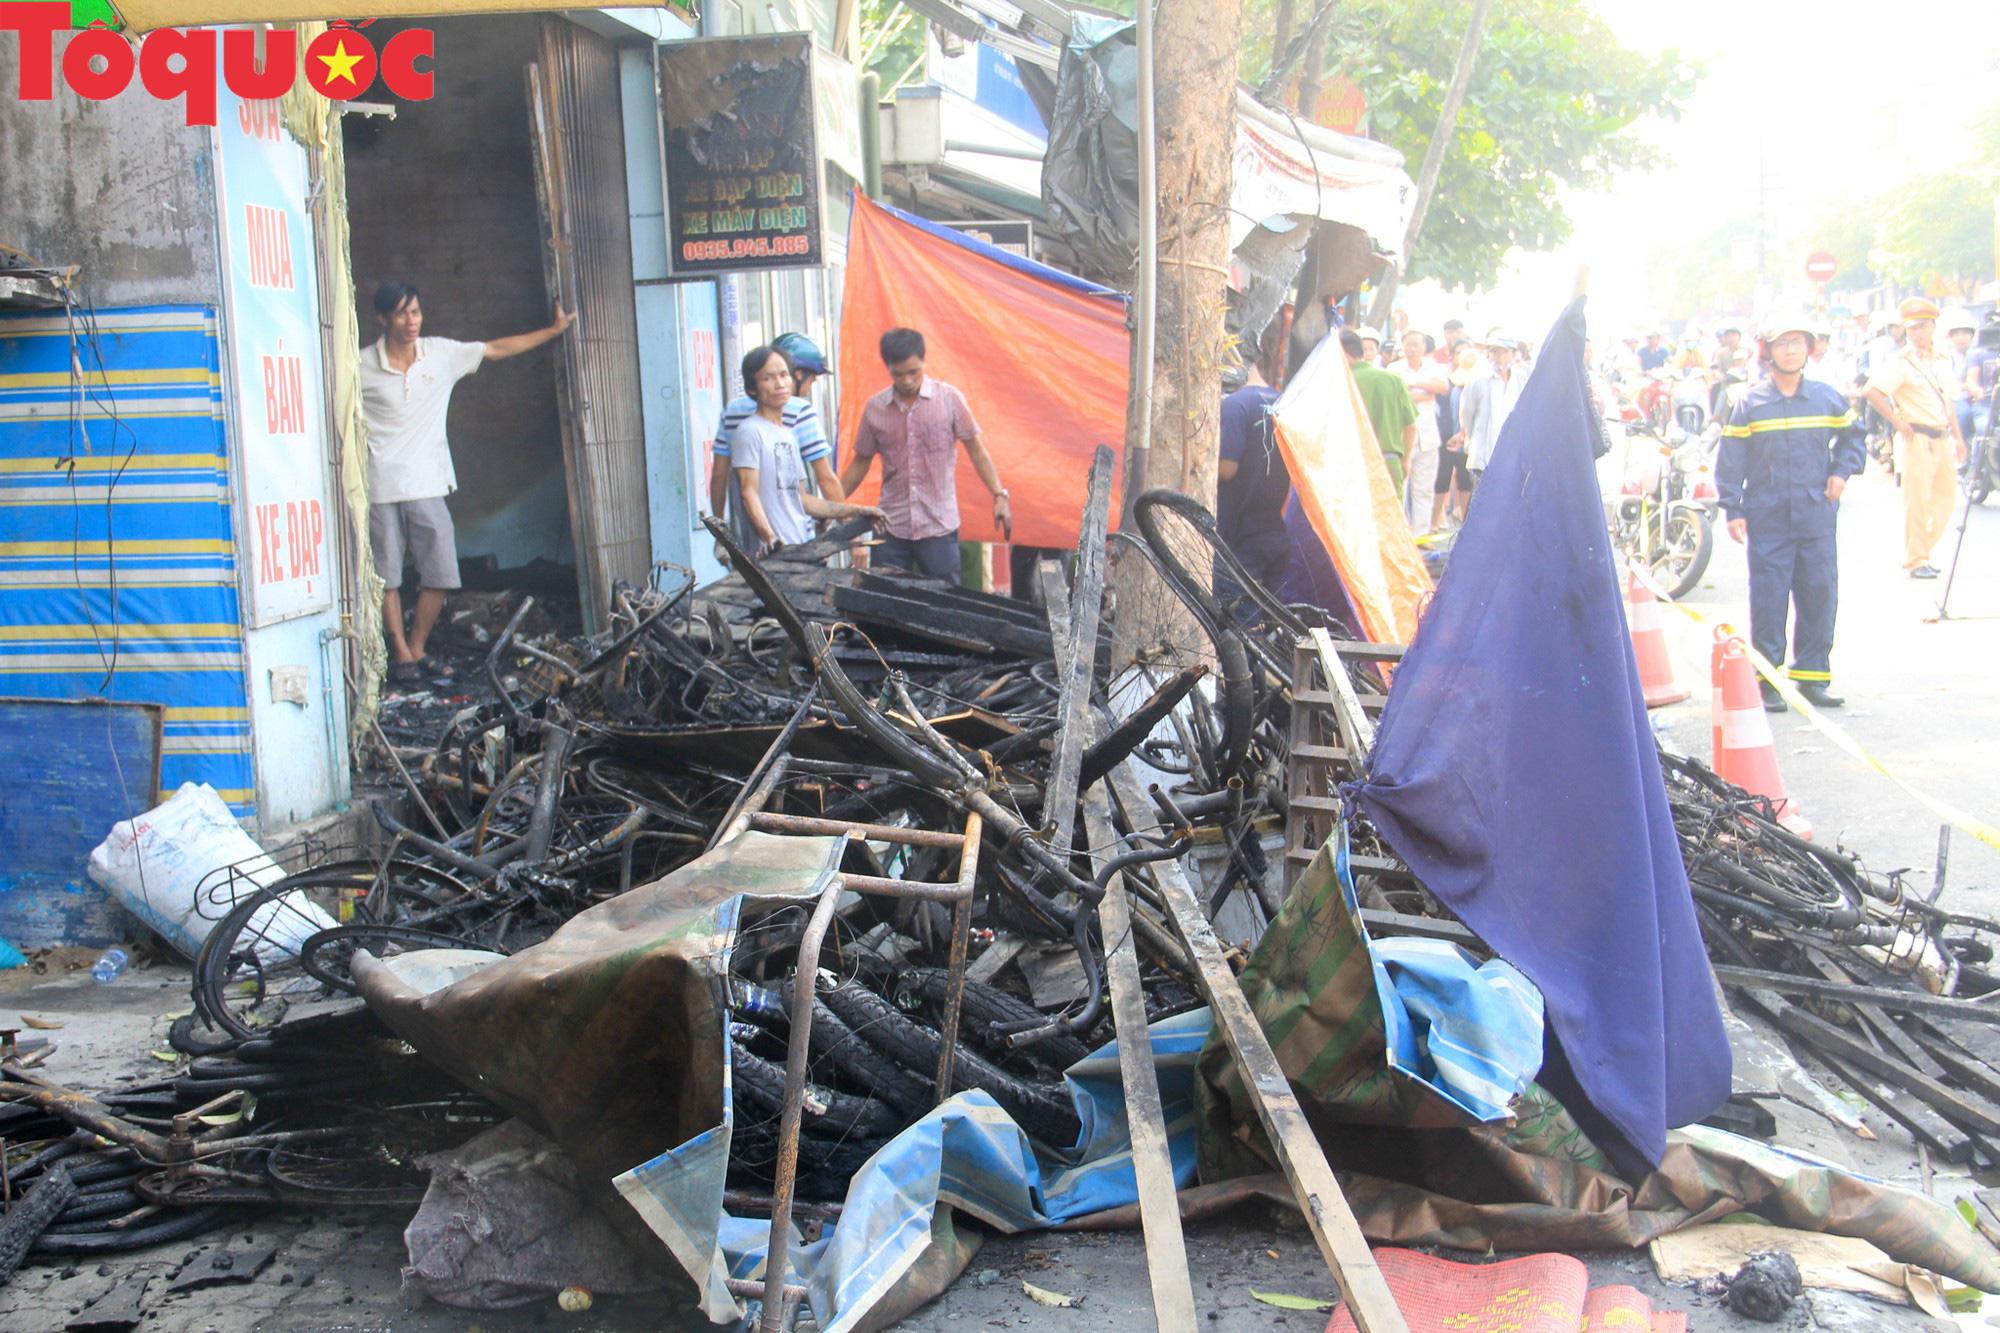 Hình ảnh hiện trường vụ hỏa hoạn khiến 3 người trong một gia đình tử vong thương tâm - Ảnh 7.